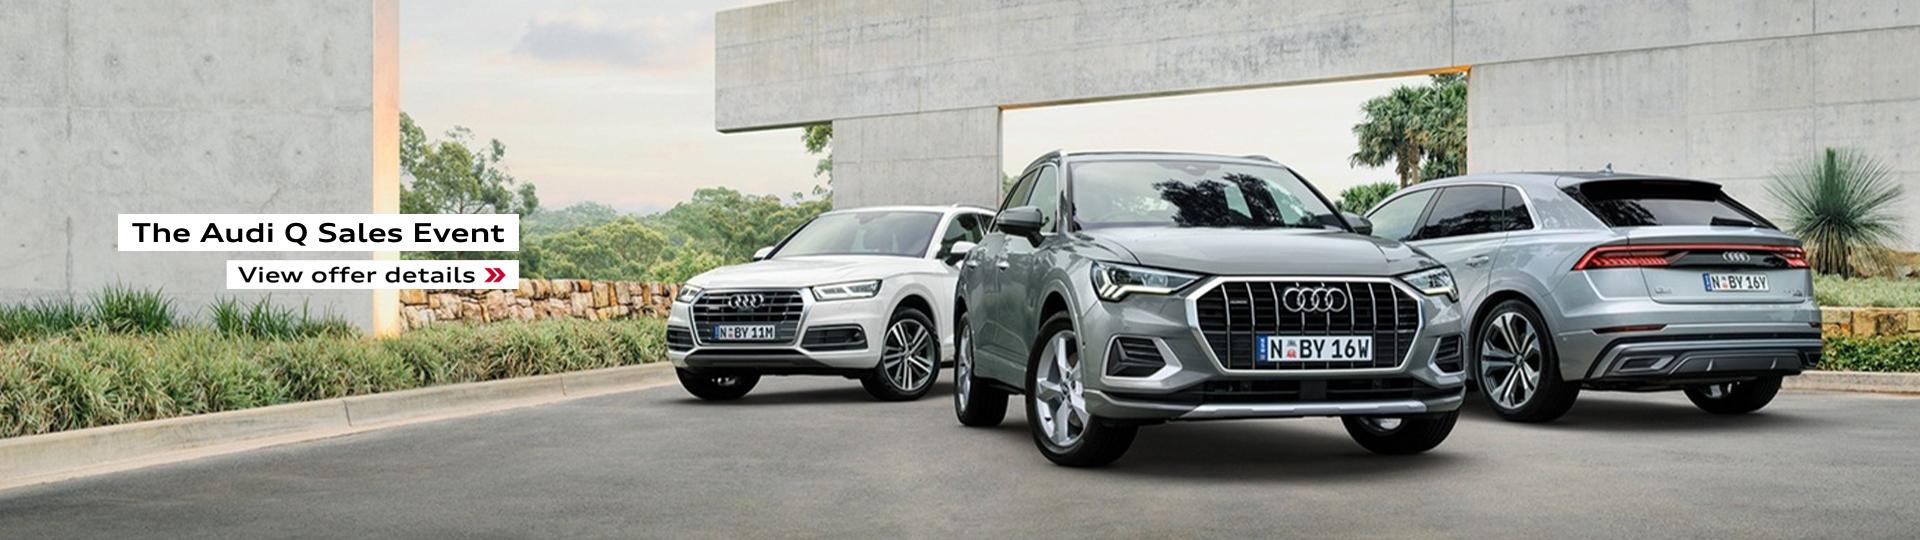 Audi Offers